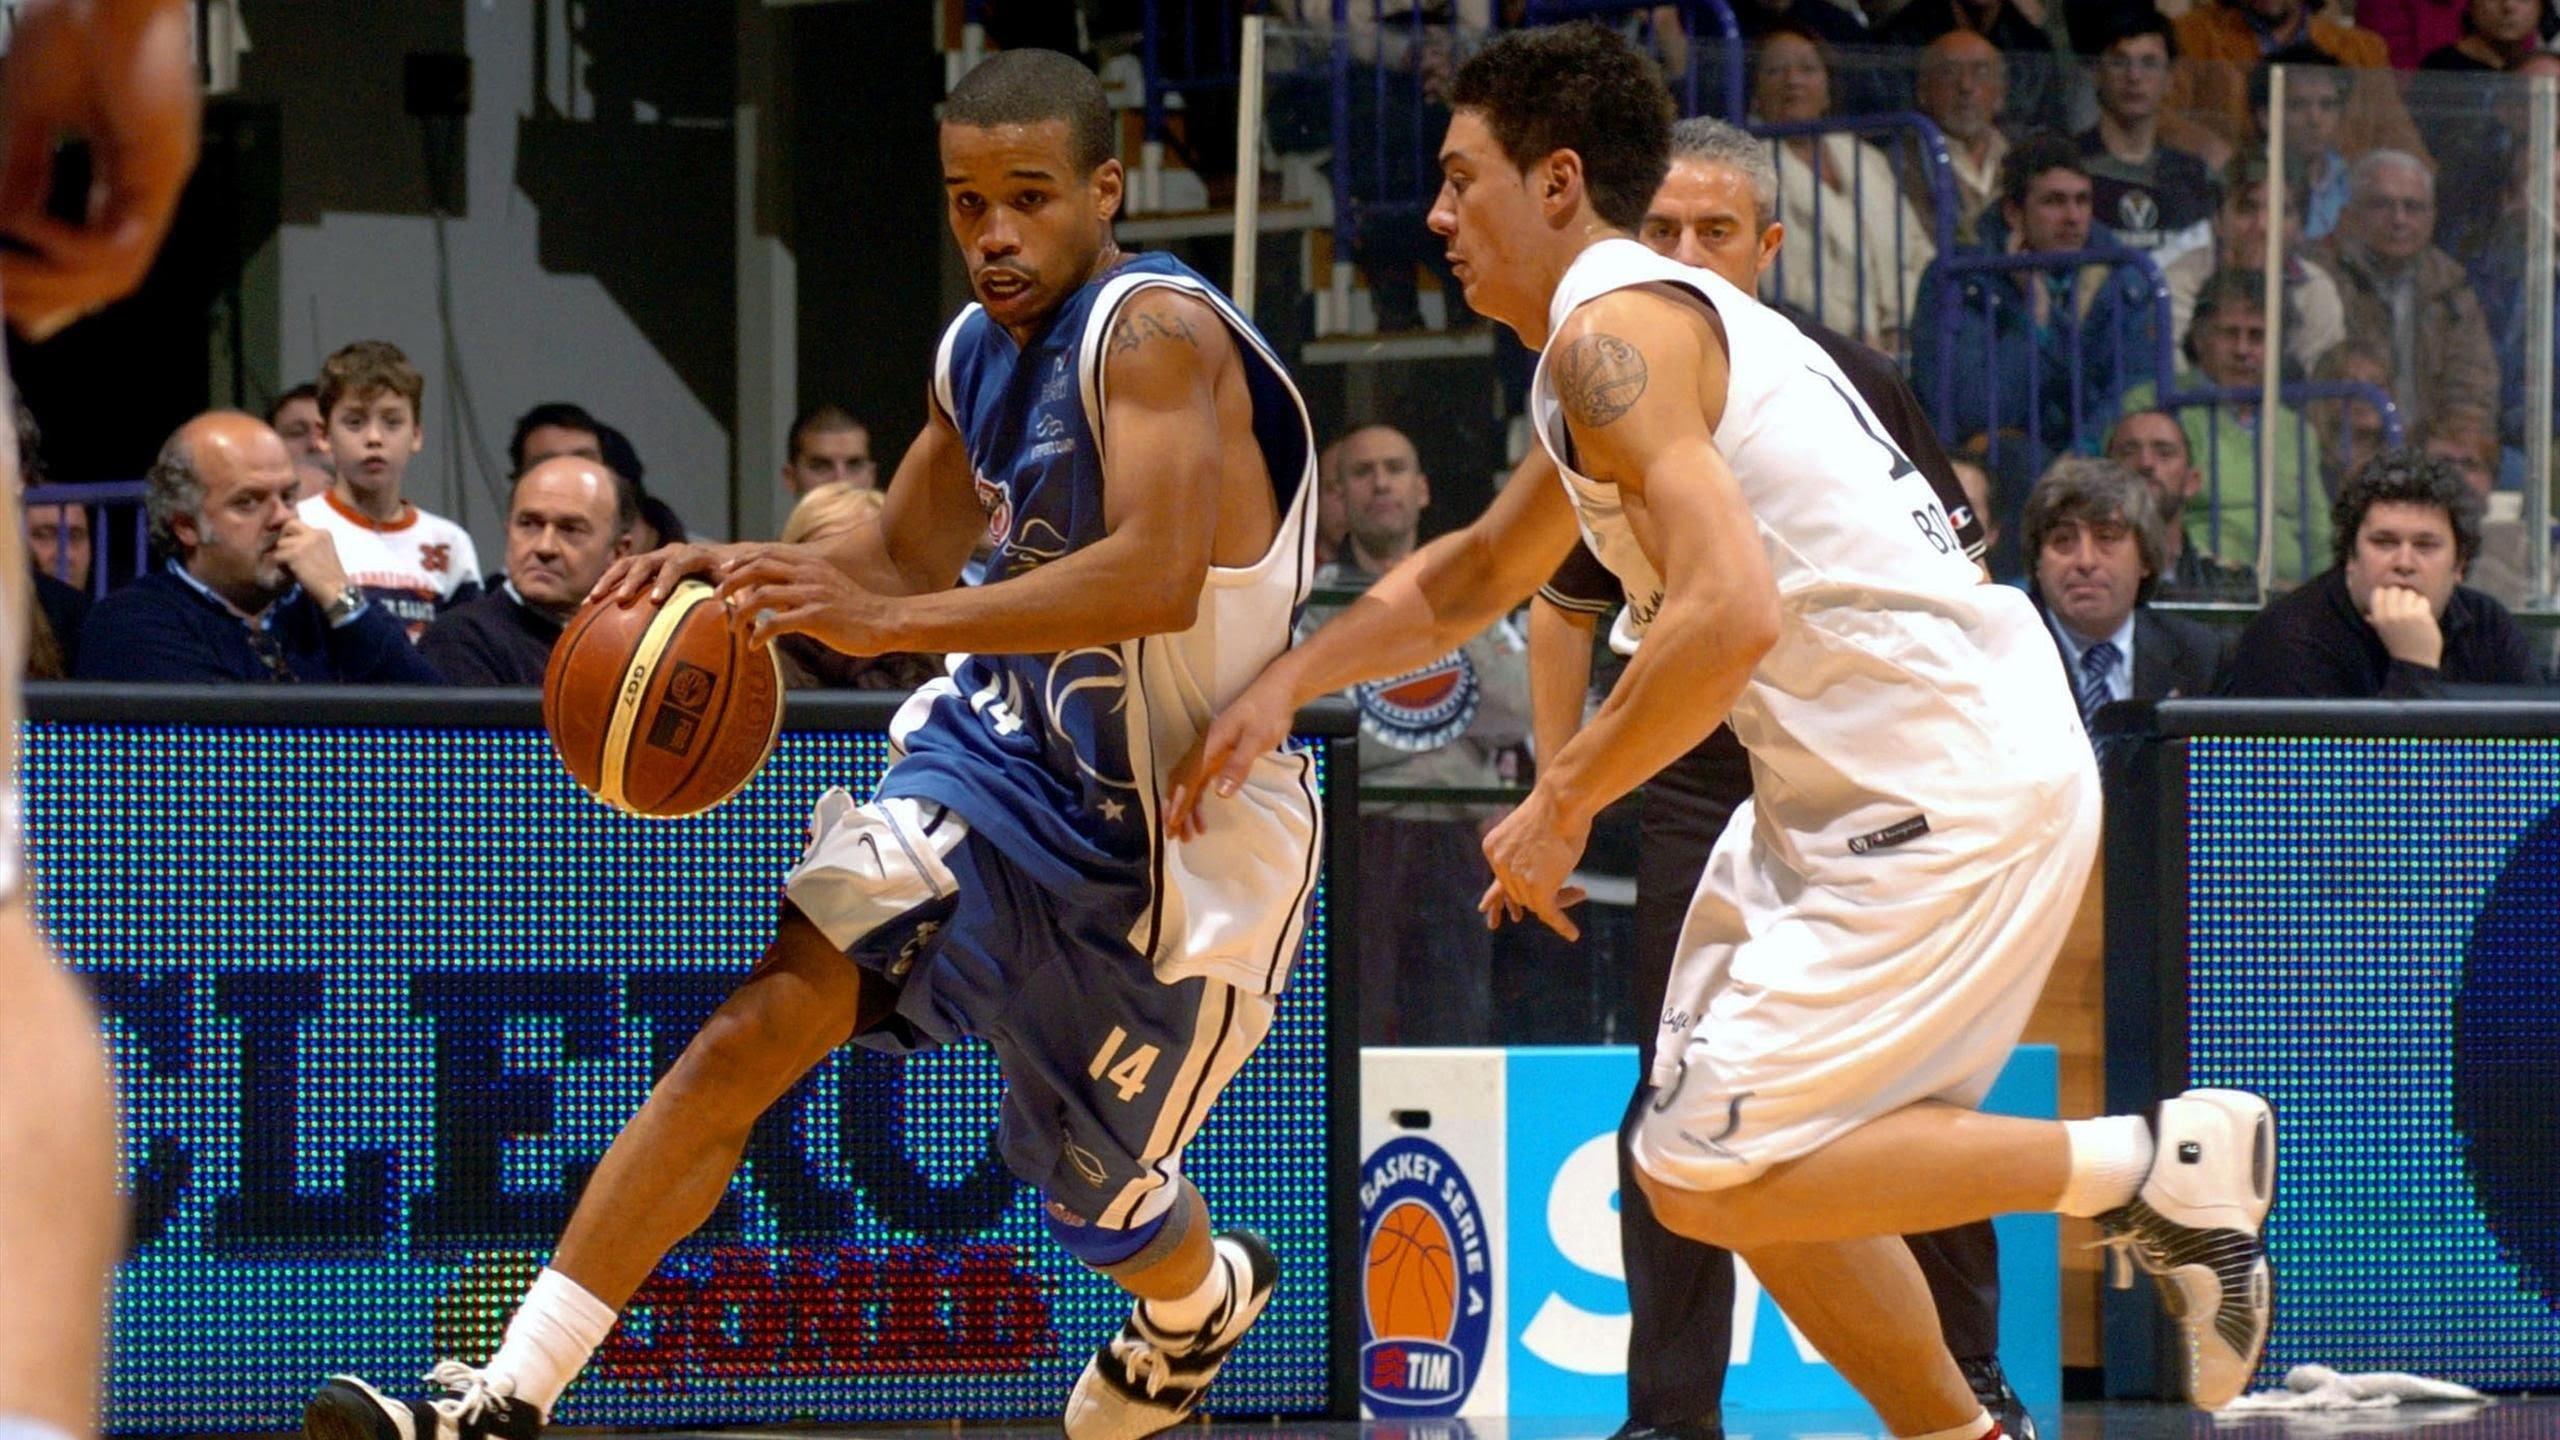 """Basket. Torna il contest """"Leggende"""", domani i quarti di finale. Greer sfida Mannella"""